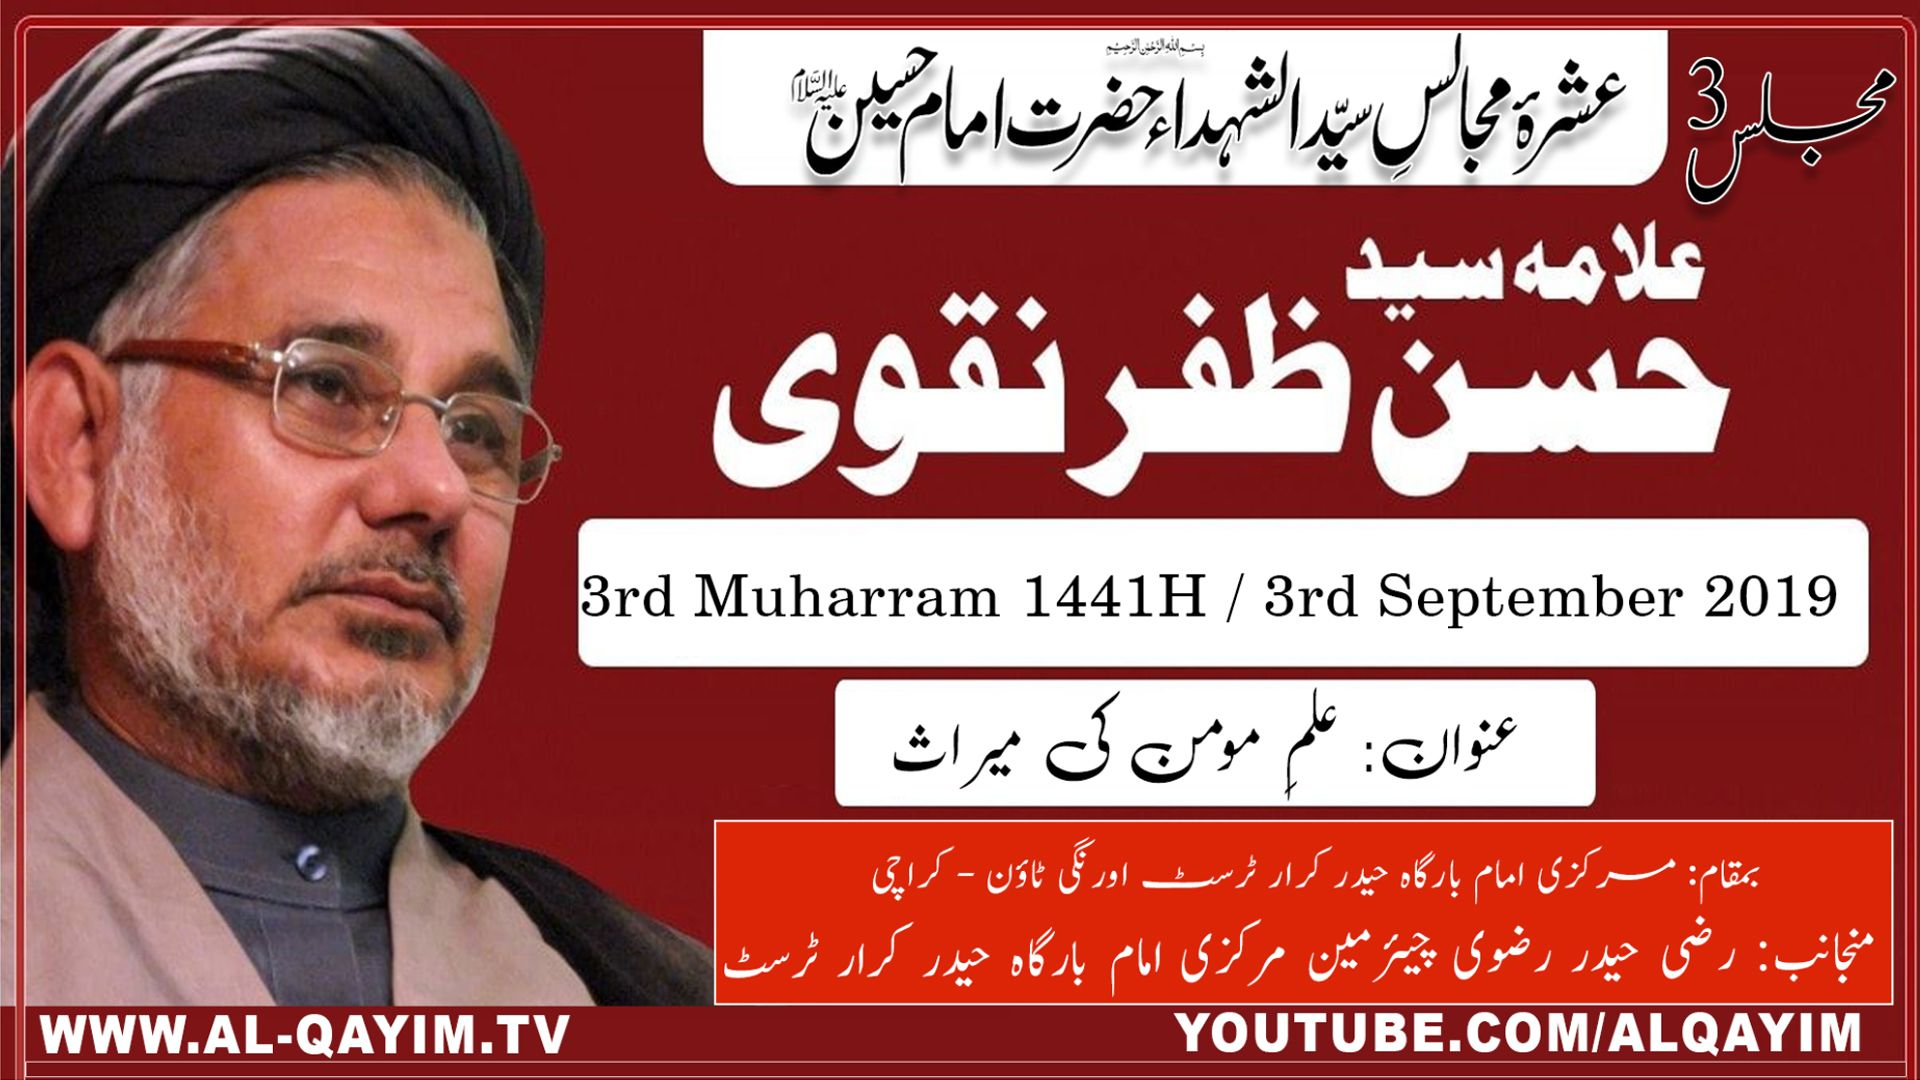 3rd Muharram Majlis - 2019 - Moulana Hasan Zafar Naqvi - Imam Bargah Haider-e-Karar Orangi Town